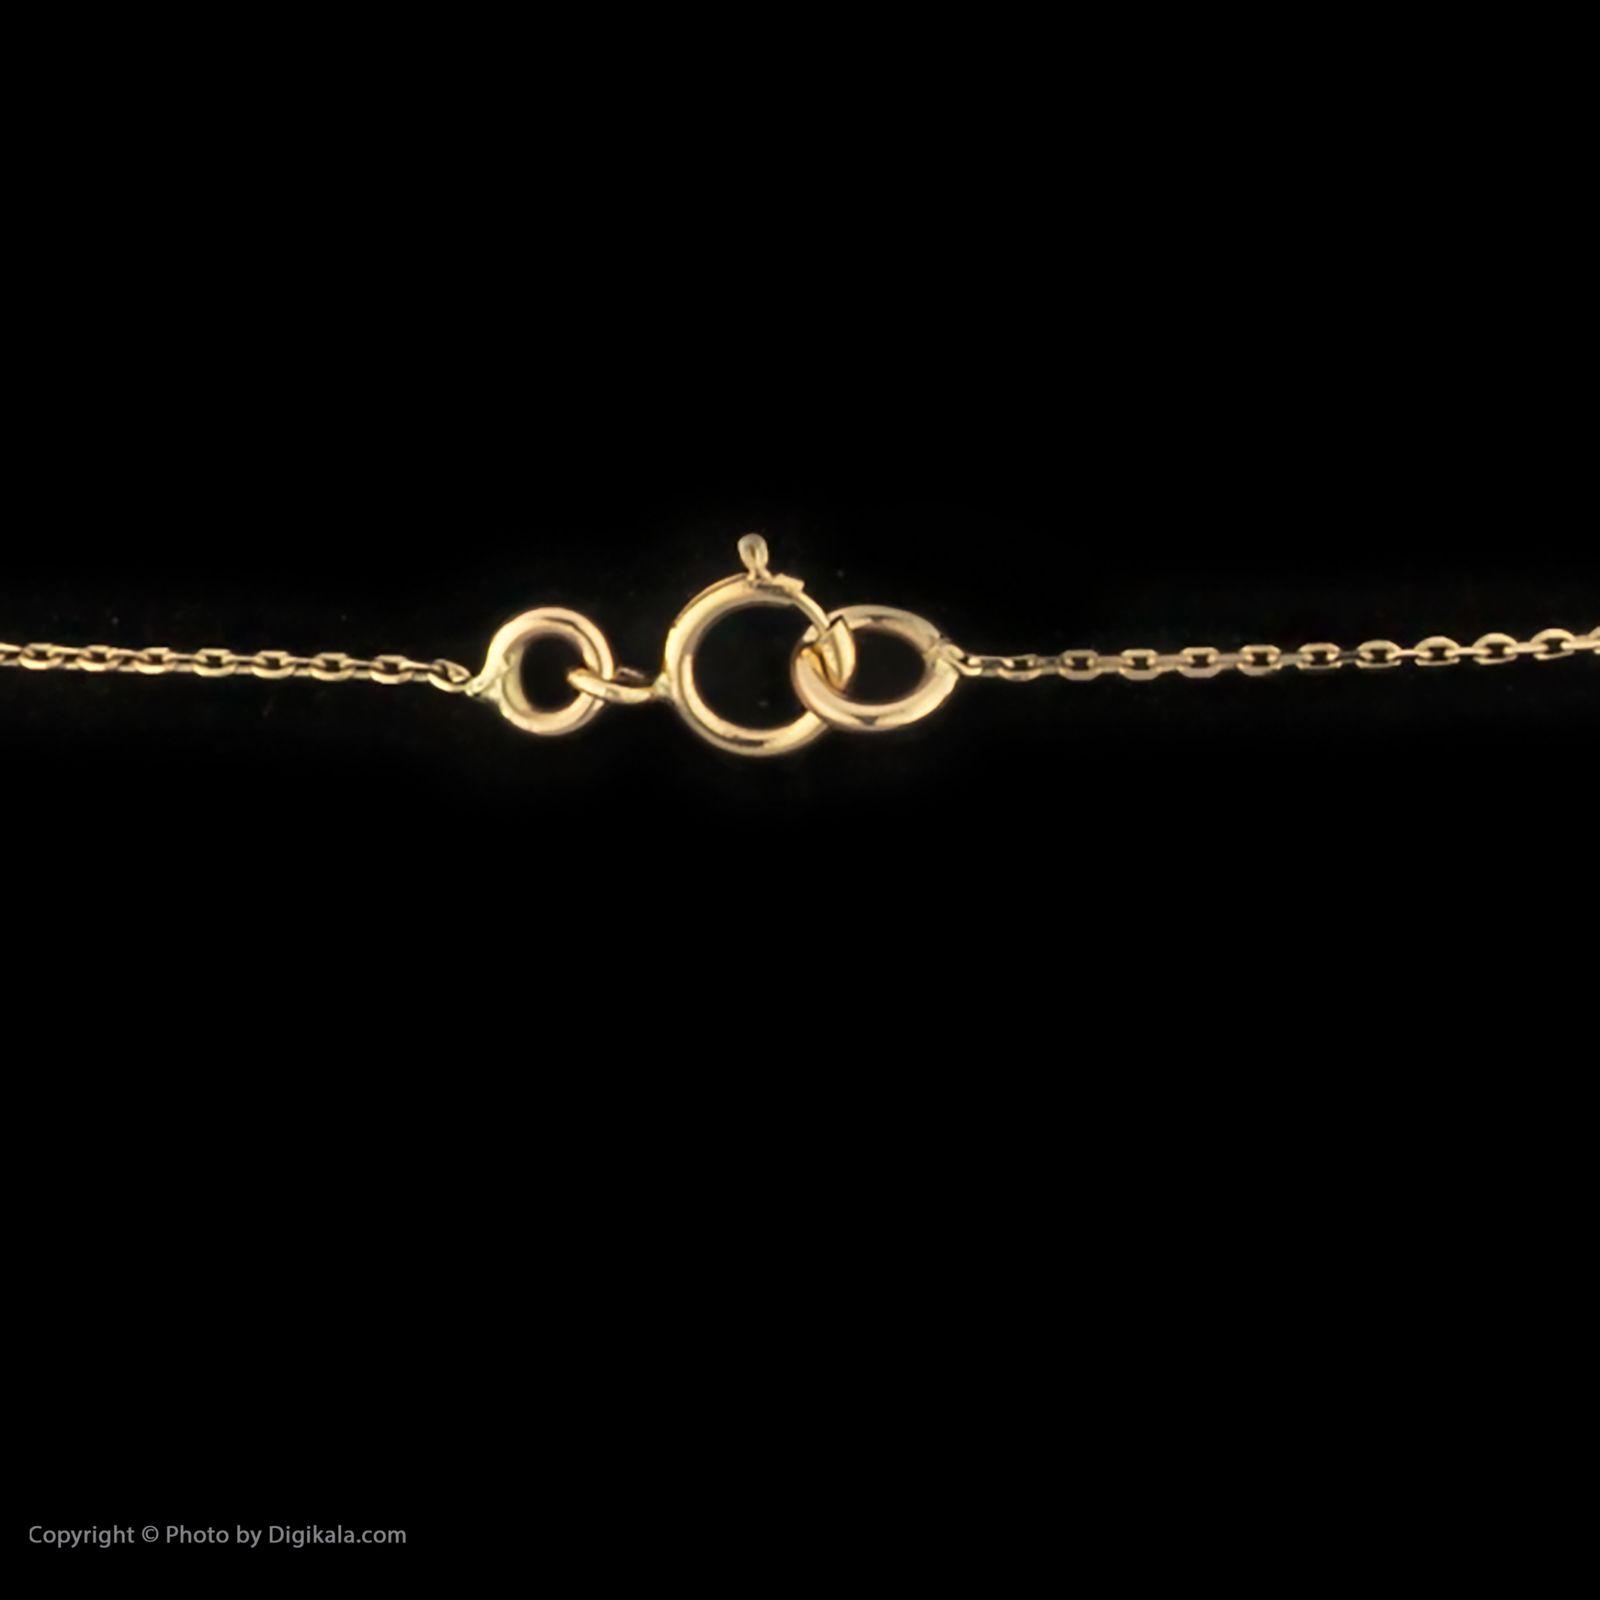 گردنبند طلا 18 عیار زنانه سنجاق مدل X083679 -  - 4